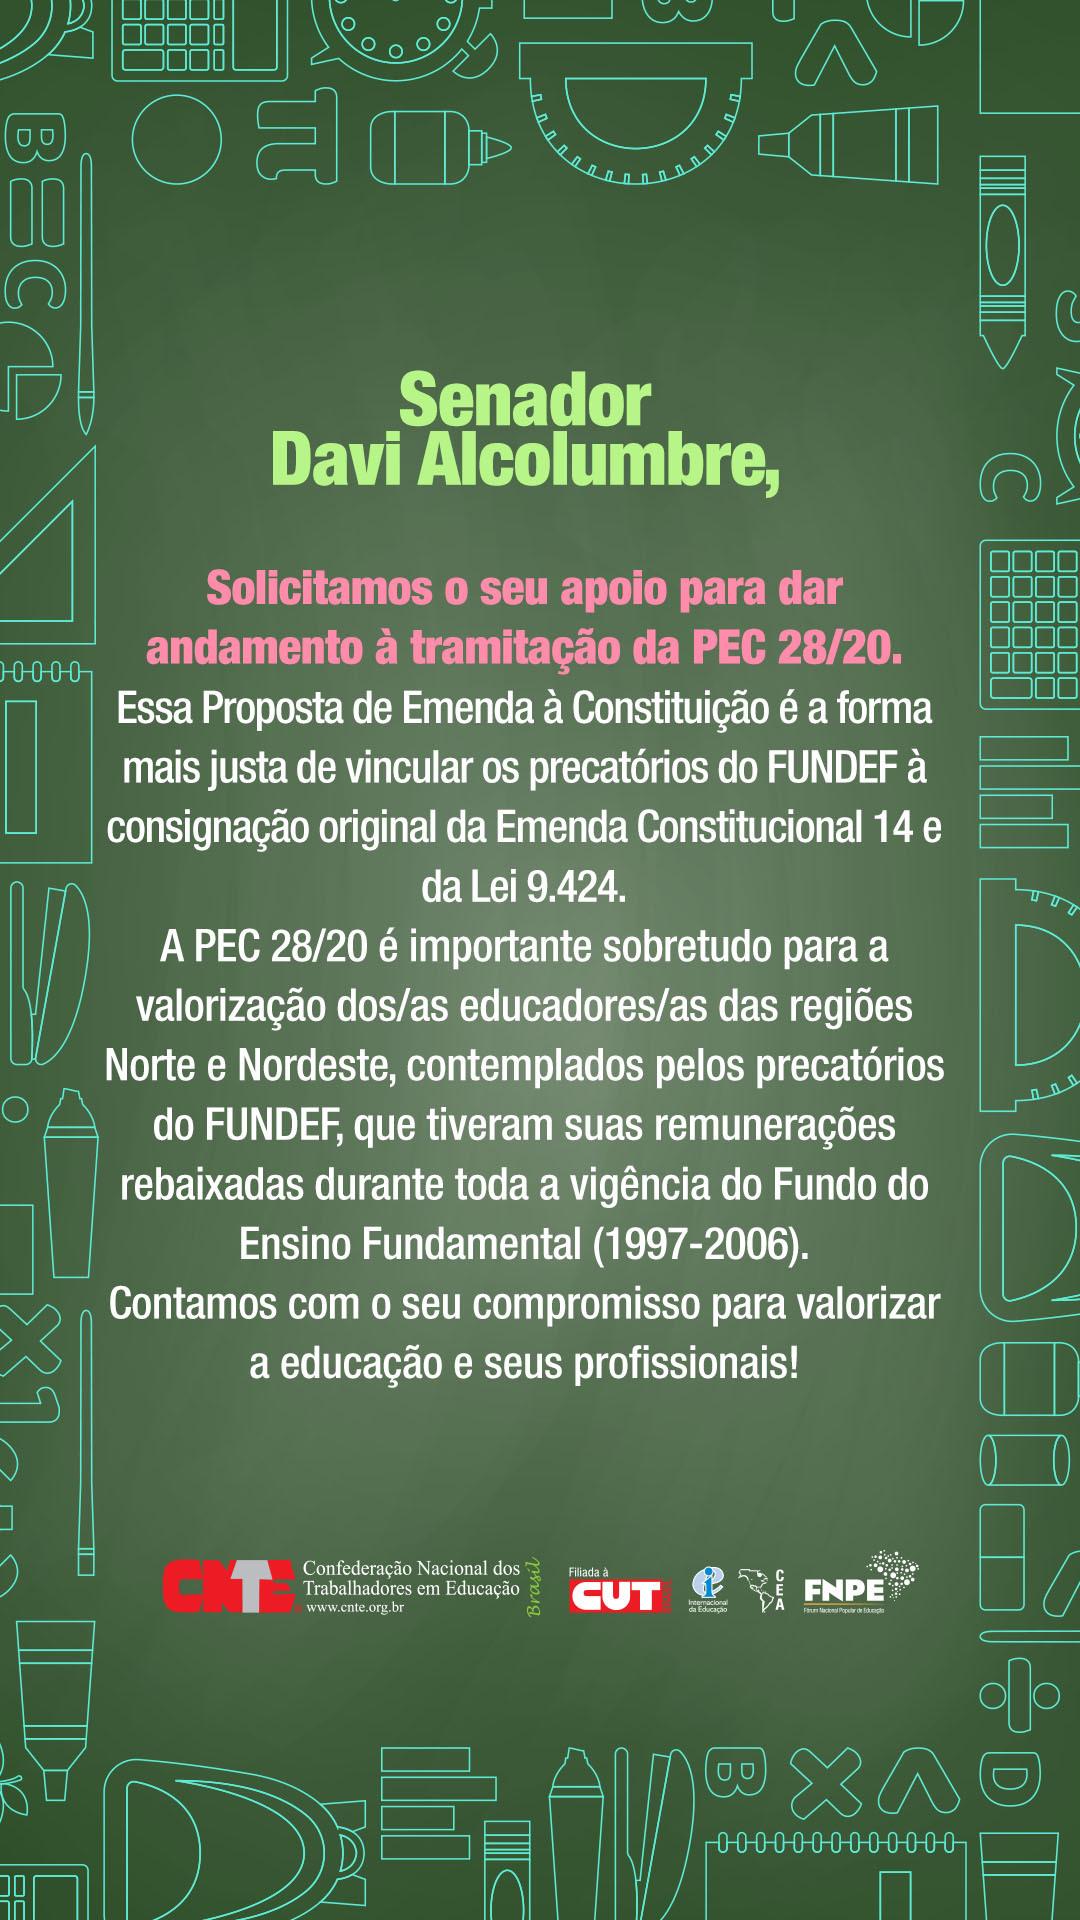 cnte derrubada vetos precatoriosSen Davi Alcolumbre Emailmk1 2